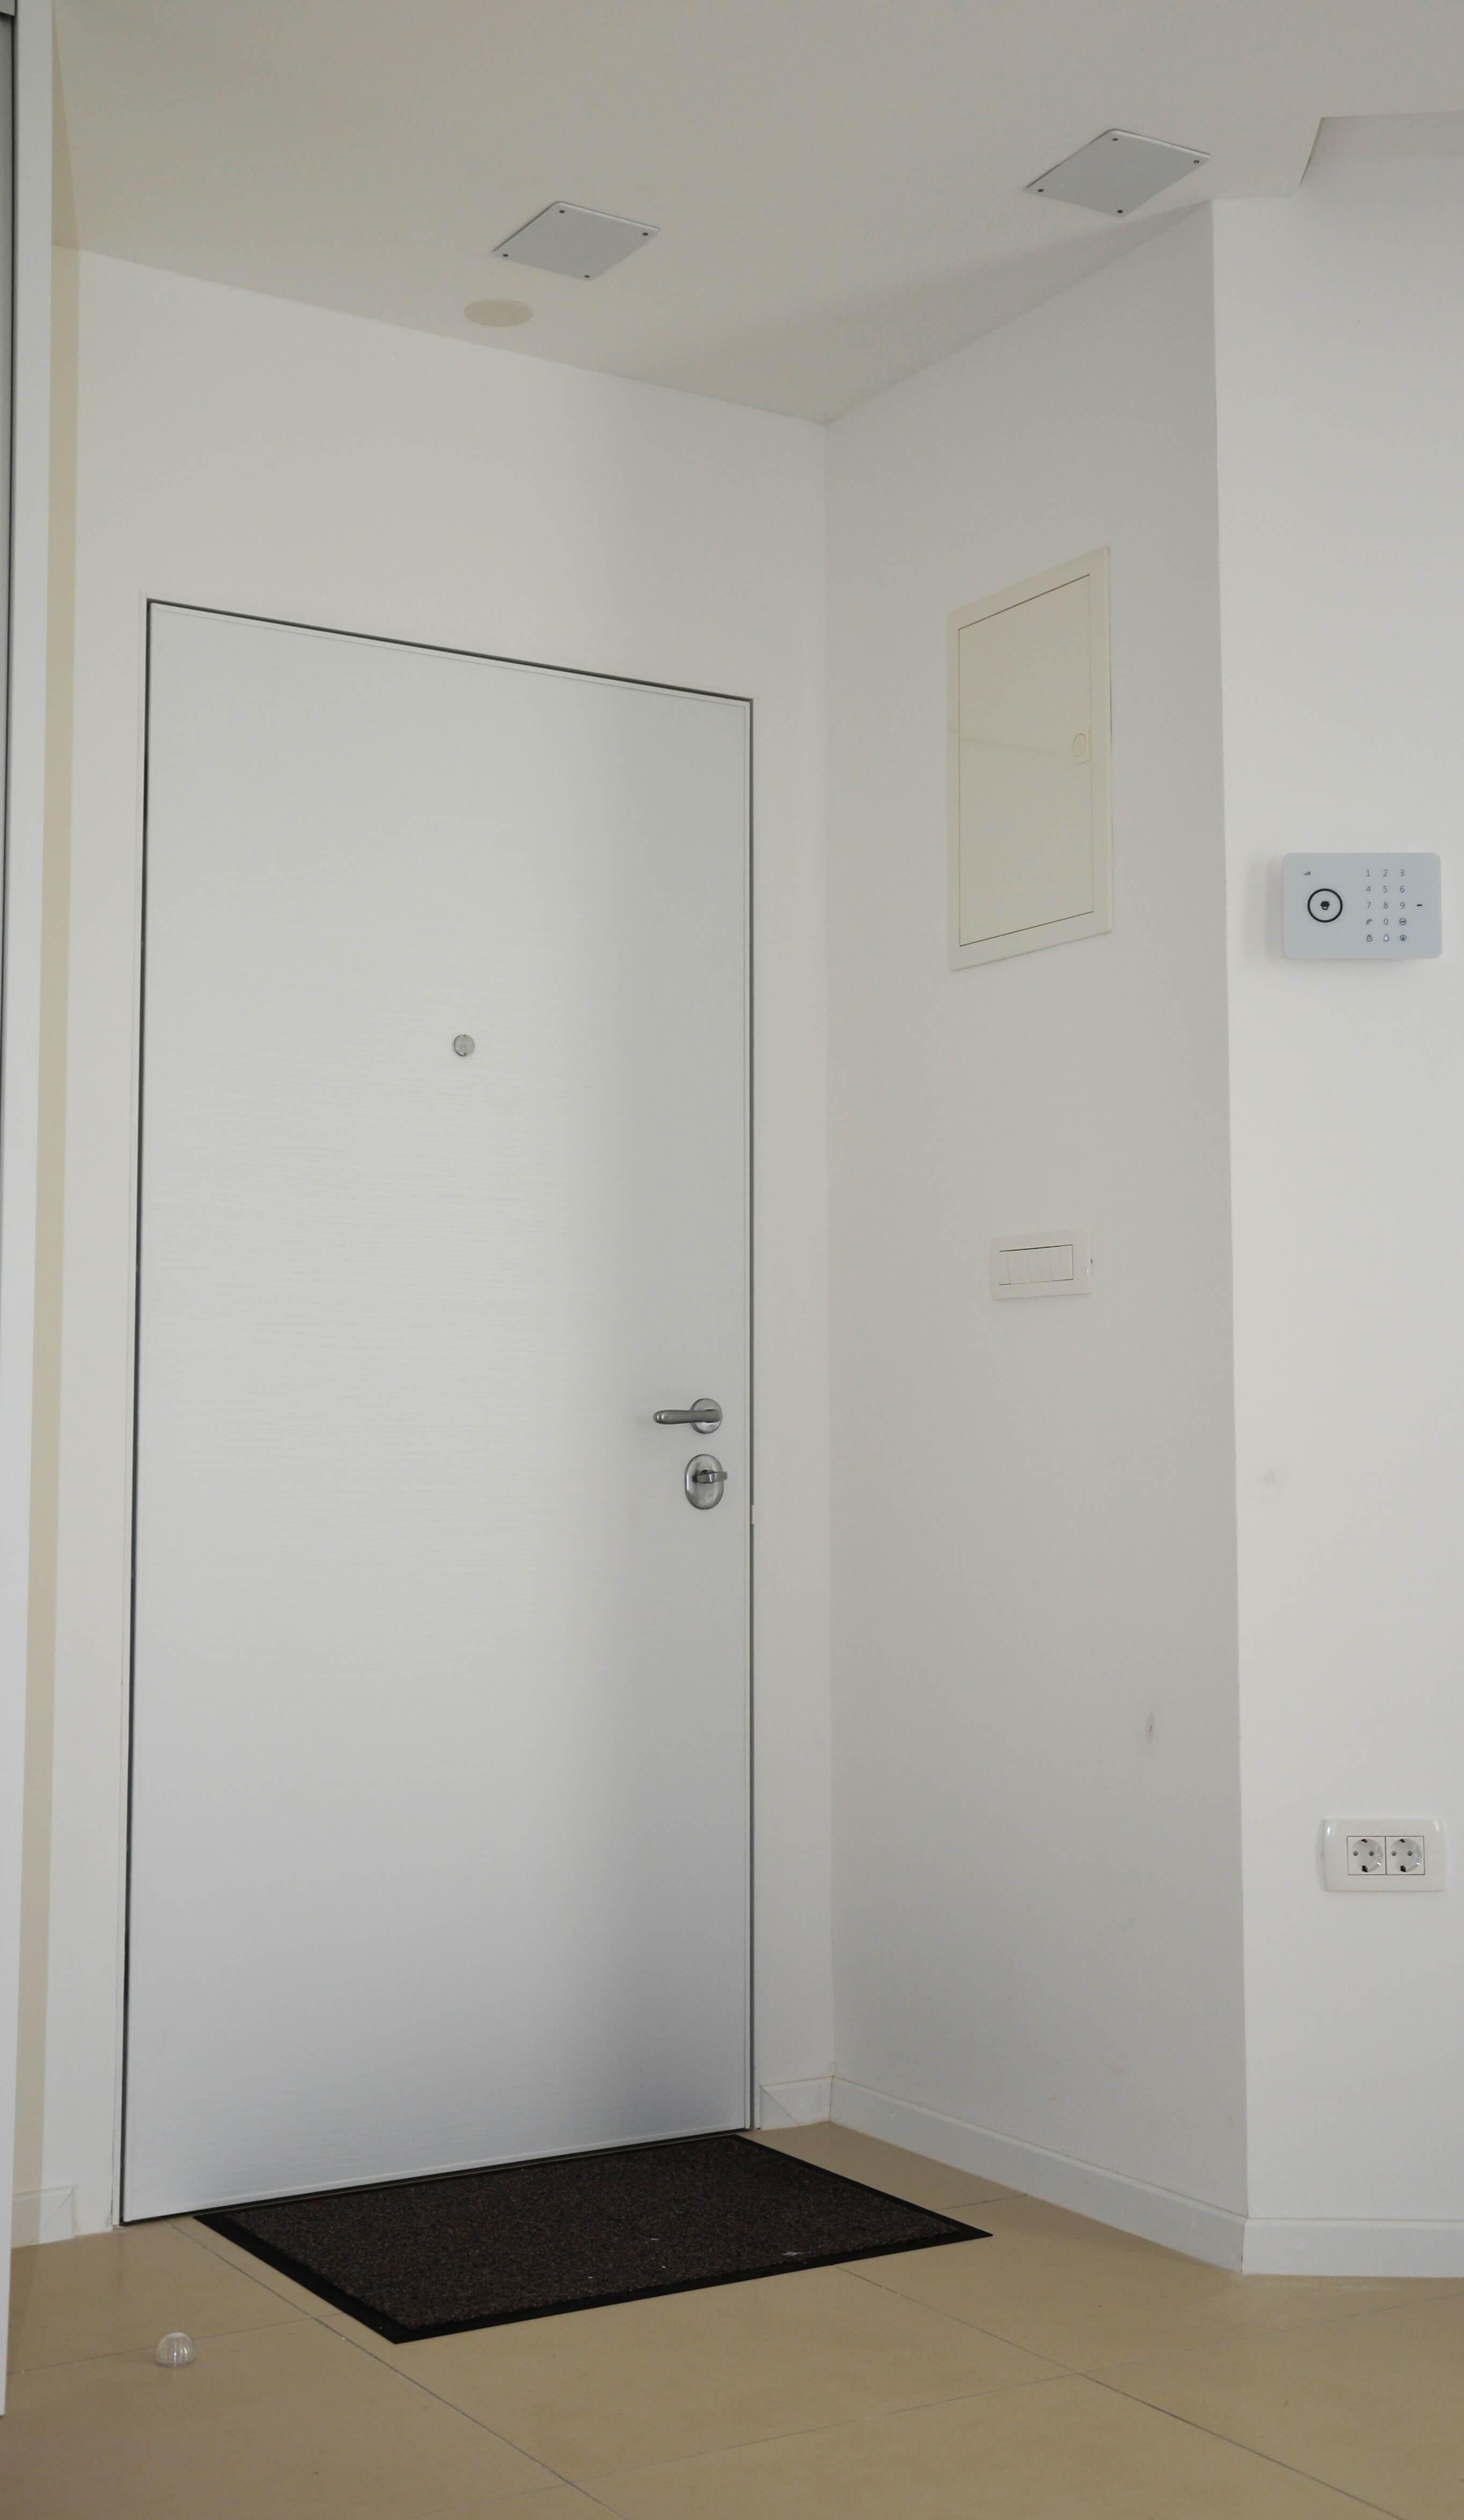 vrata dizajn reference 23